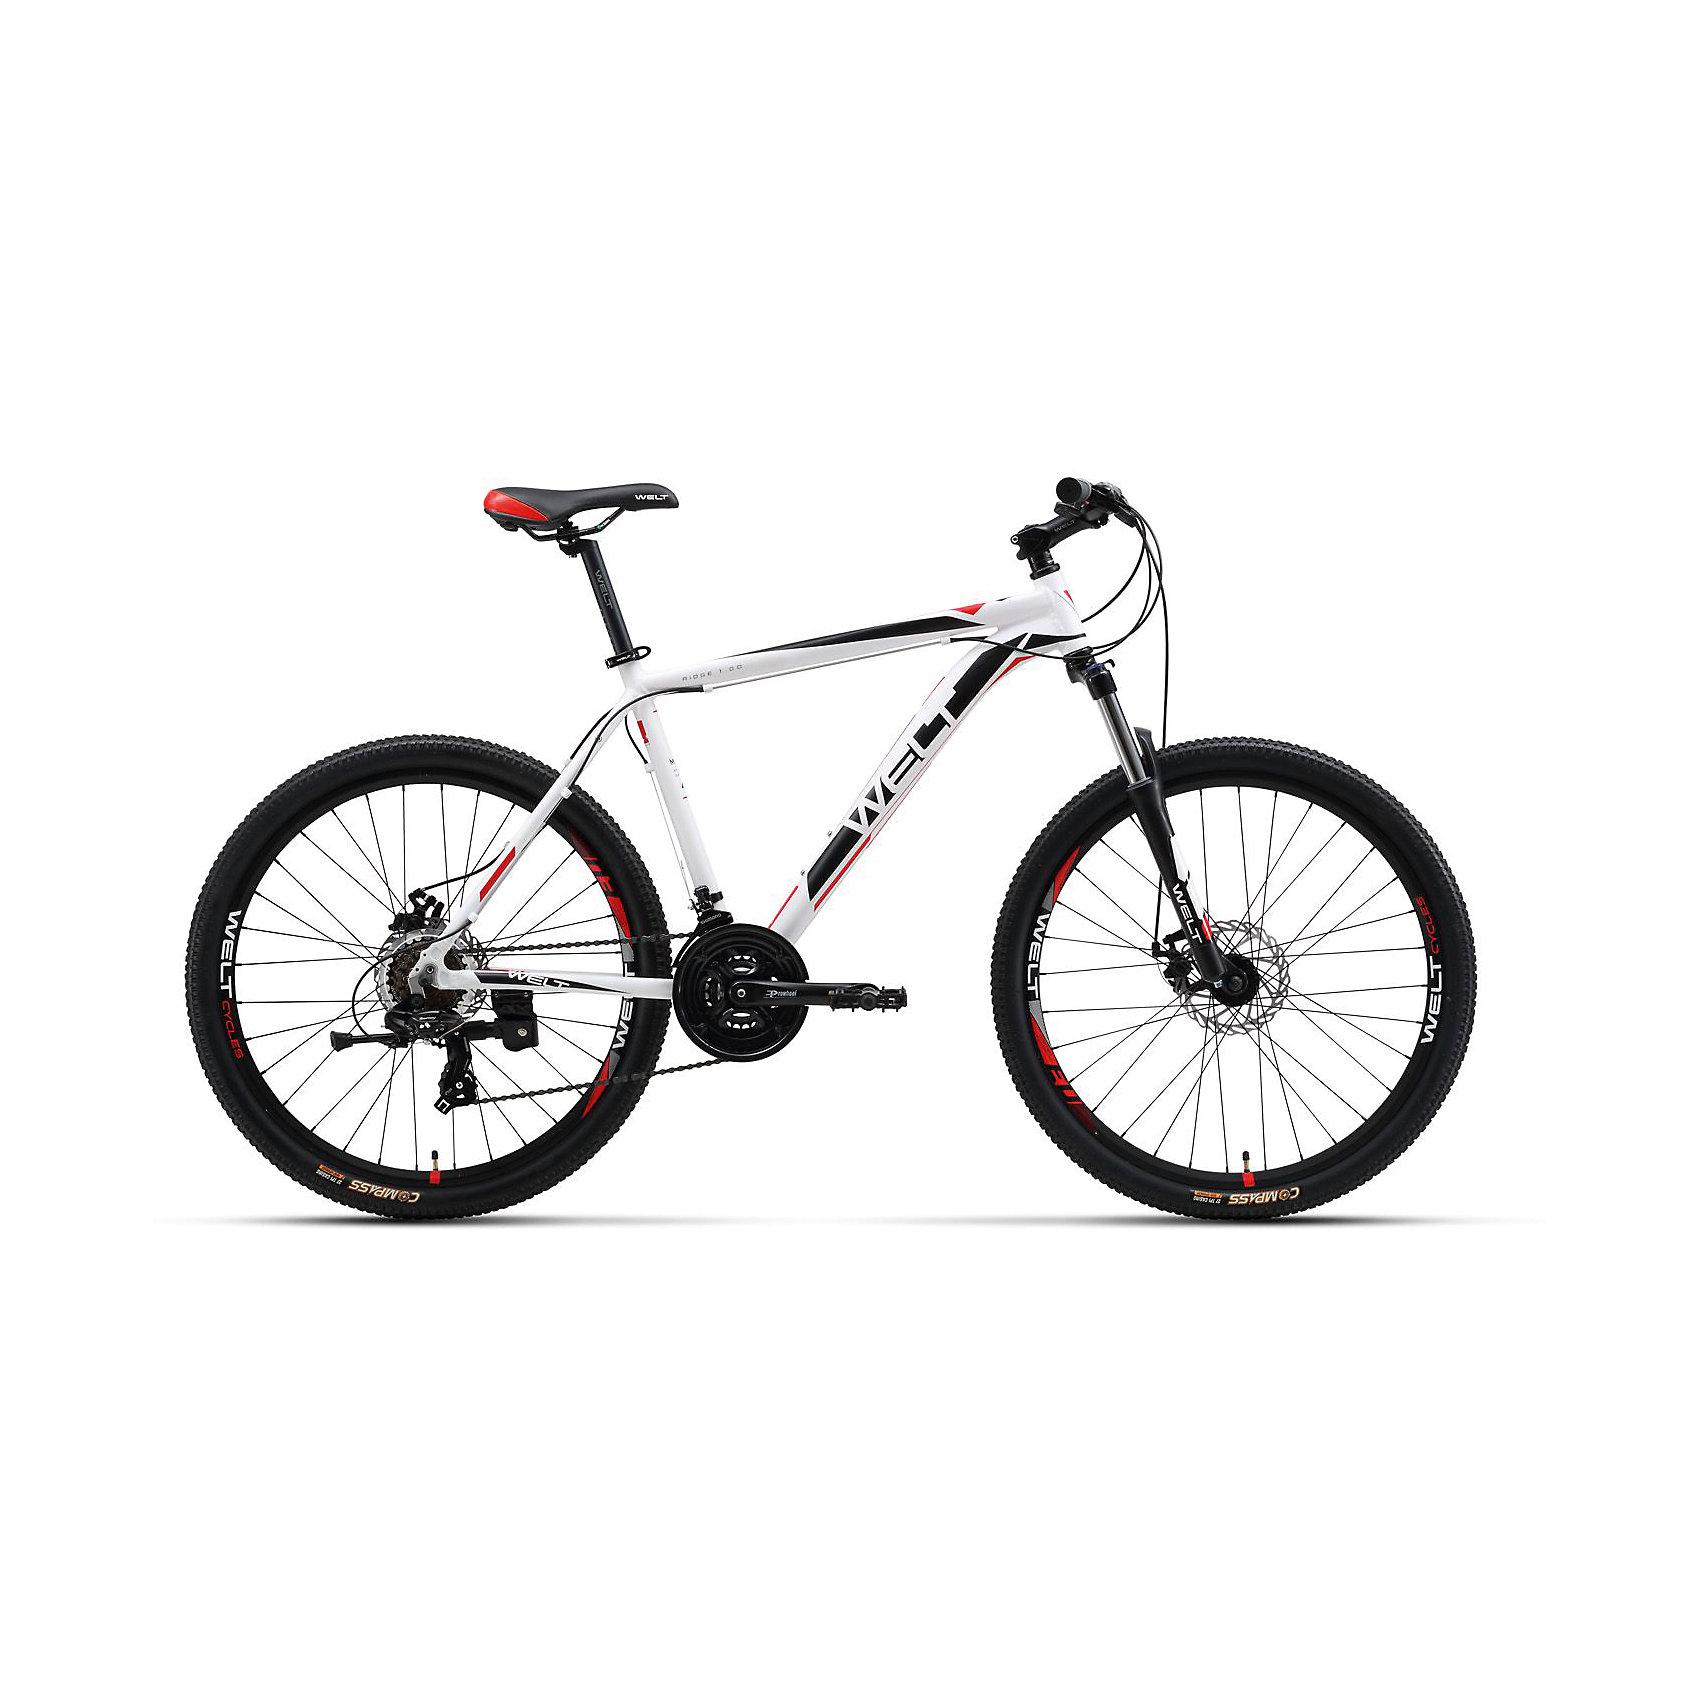 Велосипед  Ridge 1.0 D, 18 дюймов, бело-черный, WeltВелосипеды детские<br>Характеристики товара:<br><br>• цвет: белый, черный<br>• возраст: от 6 лет<br>• механические тормоза<br>• цельнолитая контрукция вилки, ход 100мм<br>• подножка<br>• диаметр колес: 18<br>• кол-во скоростей: 21<br>• вилка: Suntour XCT HLO 100mm (амортизационная)<br>• переключатель задний : Shimano TY-300<br>• переключатель передний: Shimano TZ-30<br>• шифтеры: Shimano EF-51<br>• тип тормозов: V-brake<br>• тормоза: Alloy YX-122<br>• система:  Prowheel alloy 42/34/24 <br>• кассета: Shimano HG20 12-28T<br>• тип рулевой колонки:  1-1/8 безрезьбовая<br>• покрышки: Compass 26 x 2,1<br>• страна бренда: Германия<br><br>Велосипед  Ridge 1.0 V, рама которого выполнена из алюминиевого сплава. Колеса на двойных ободах. Отличают эту модель от остальных дисковые тормоза, более технологичные по сравнению с ободными. <br><br>Этот универсальный велосипед можно эксплуатировать в городе или за его пределами.<br><br>Велосипед  Ridge 1.0 V, 18 дюймов, бело-черный, Welt можно купить в нашем интернет-магазине.<br><br>Ширина мм: 1450<br>Глубина мм: 200<br>Высота мм: 800<br>Вес г: 16500<br>Возраст от месяцев: 168<br>Возраст до месяцев: 2147483647<br>Пол: Унисекс<br>Возраст: Детский<br>SKU: 5569426